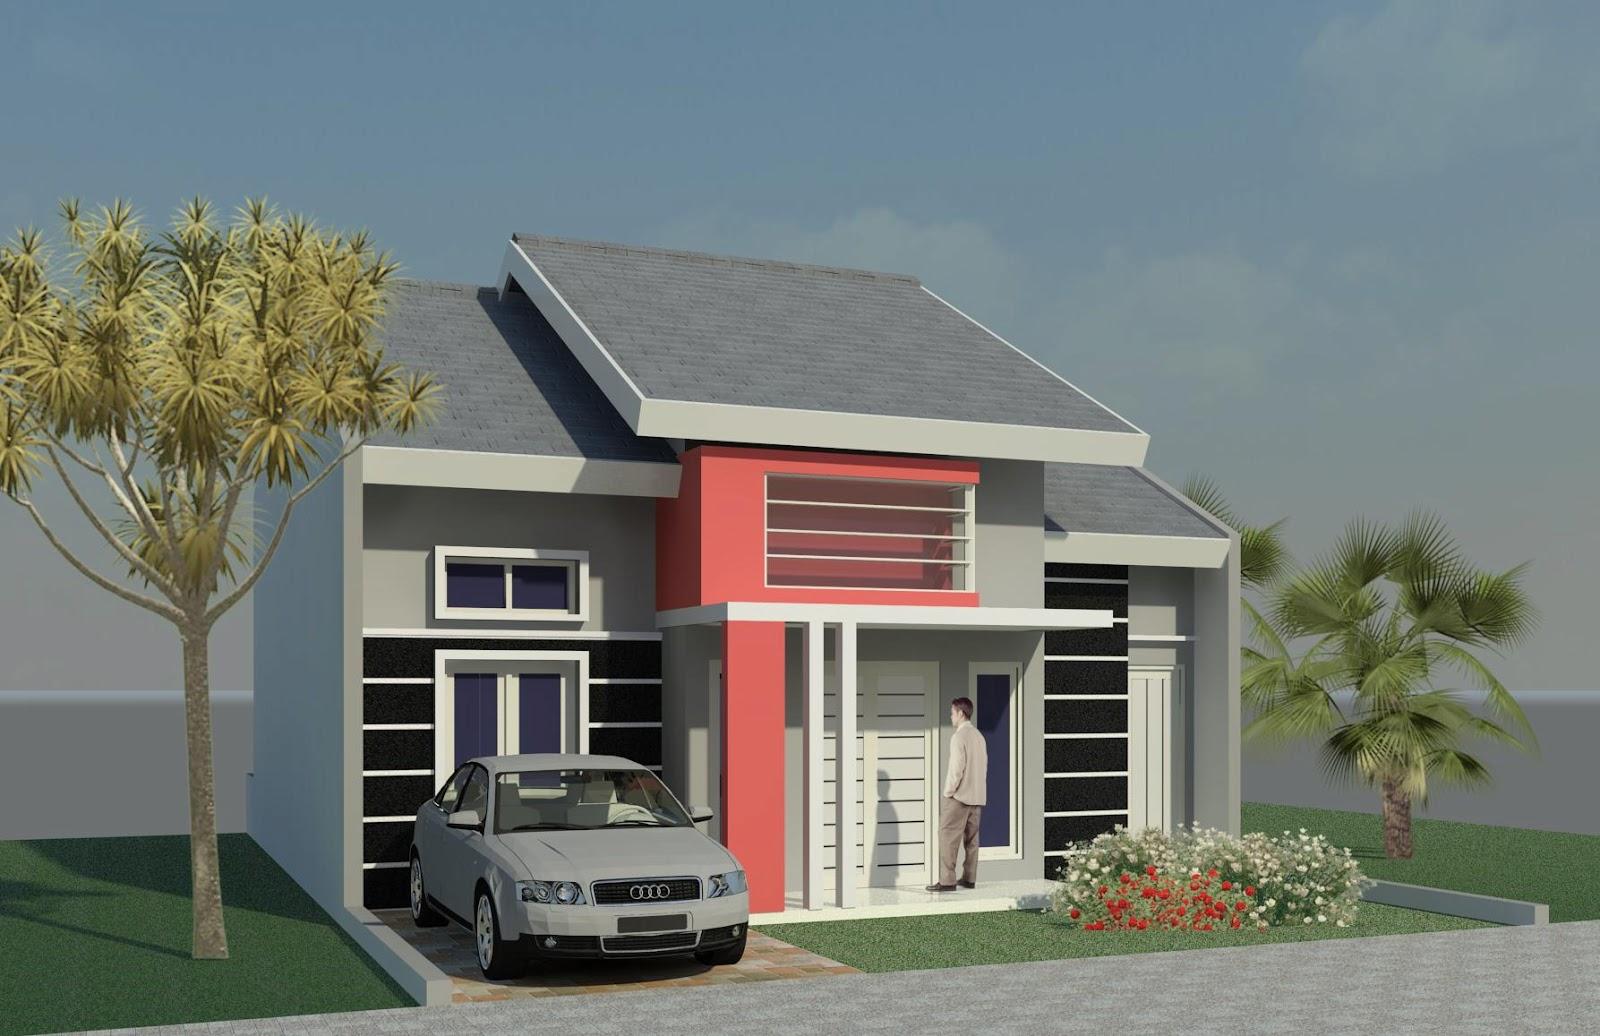 Design Rumah Minimalis 1 Lantai Modern Type 21 36 45 60 2014